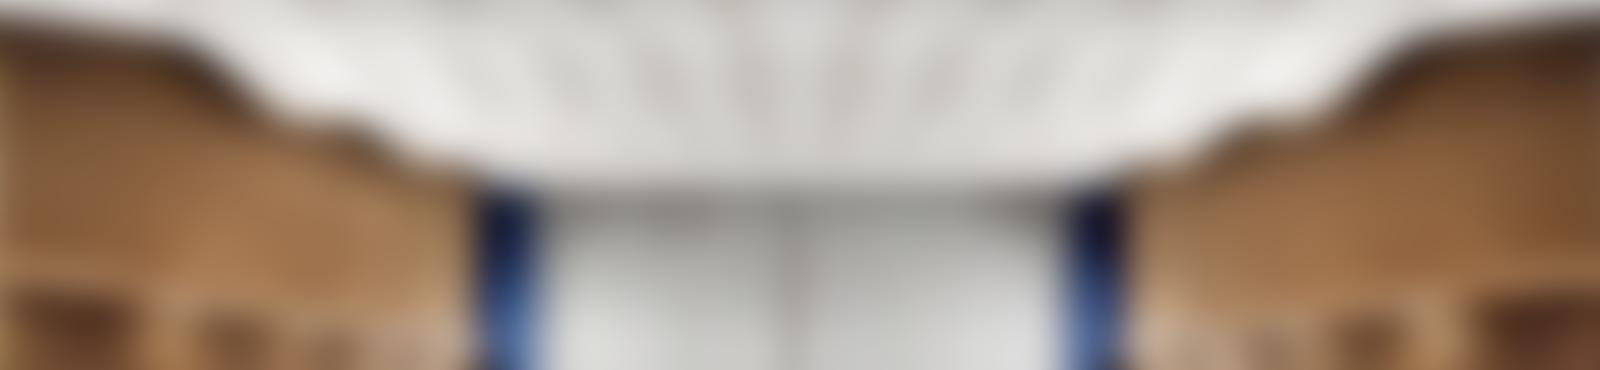 Blurred dh d 000081833 53 send